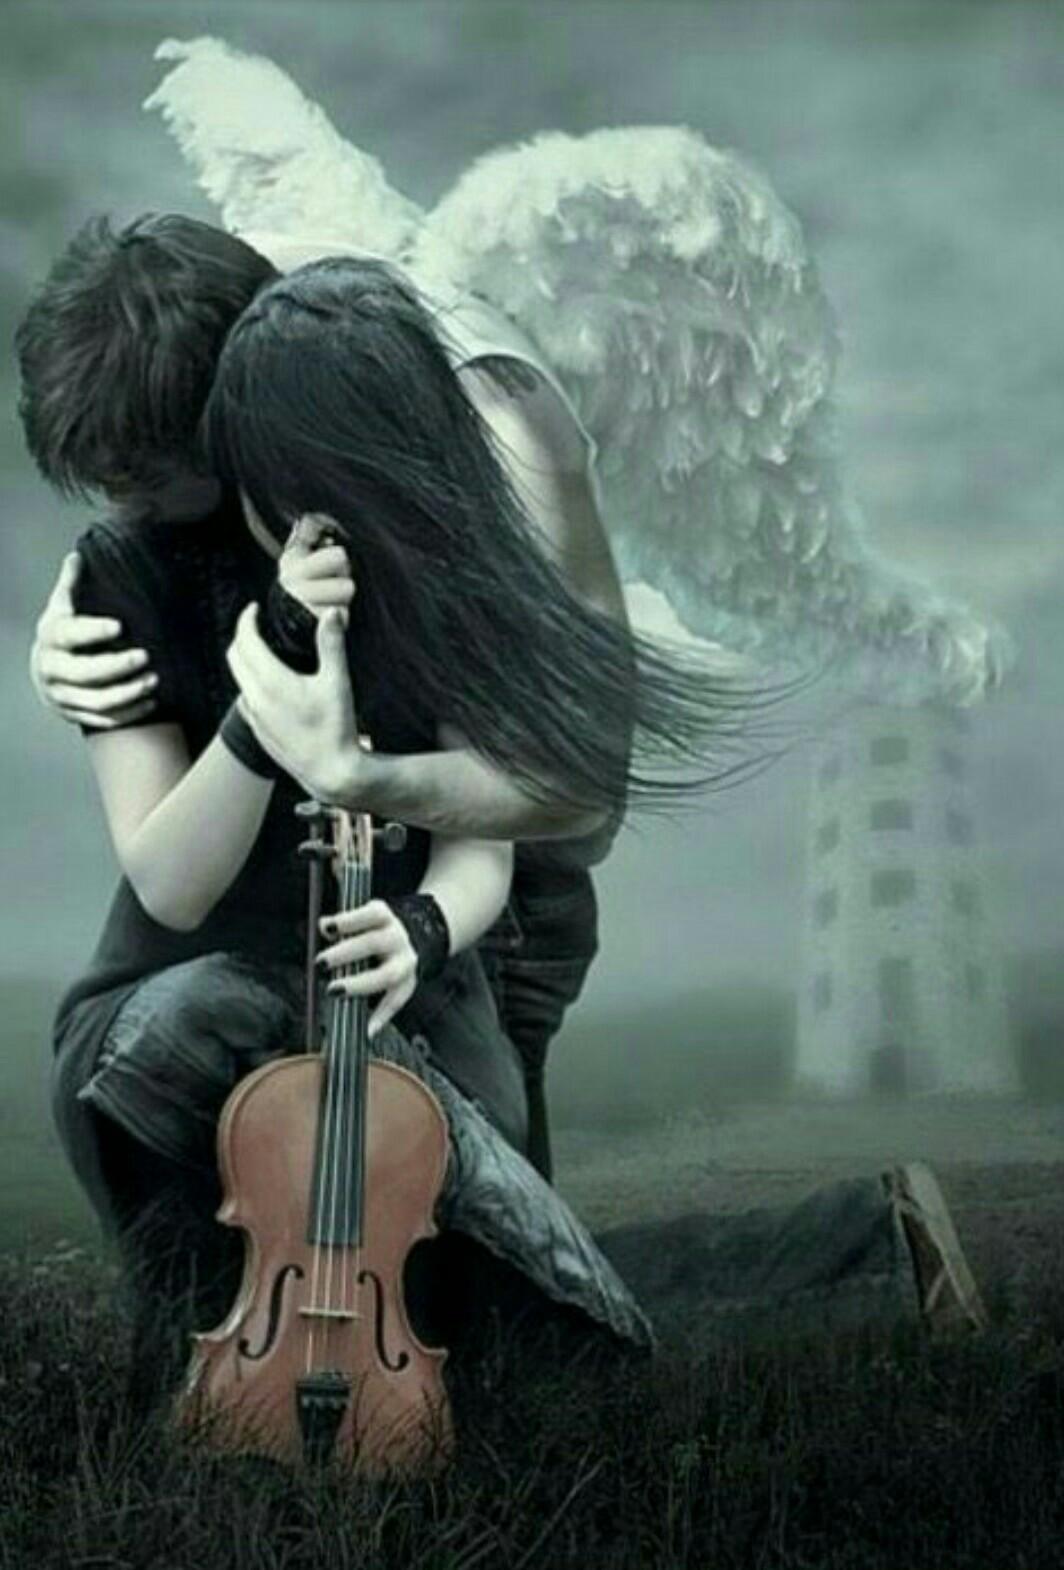 Слез, красивые картинки безответной любви